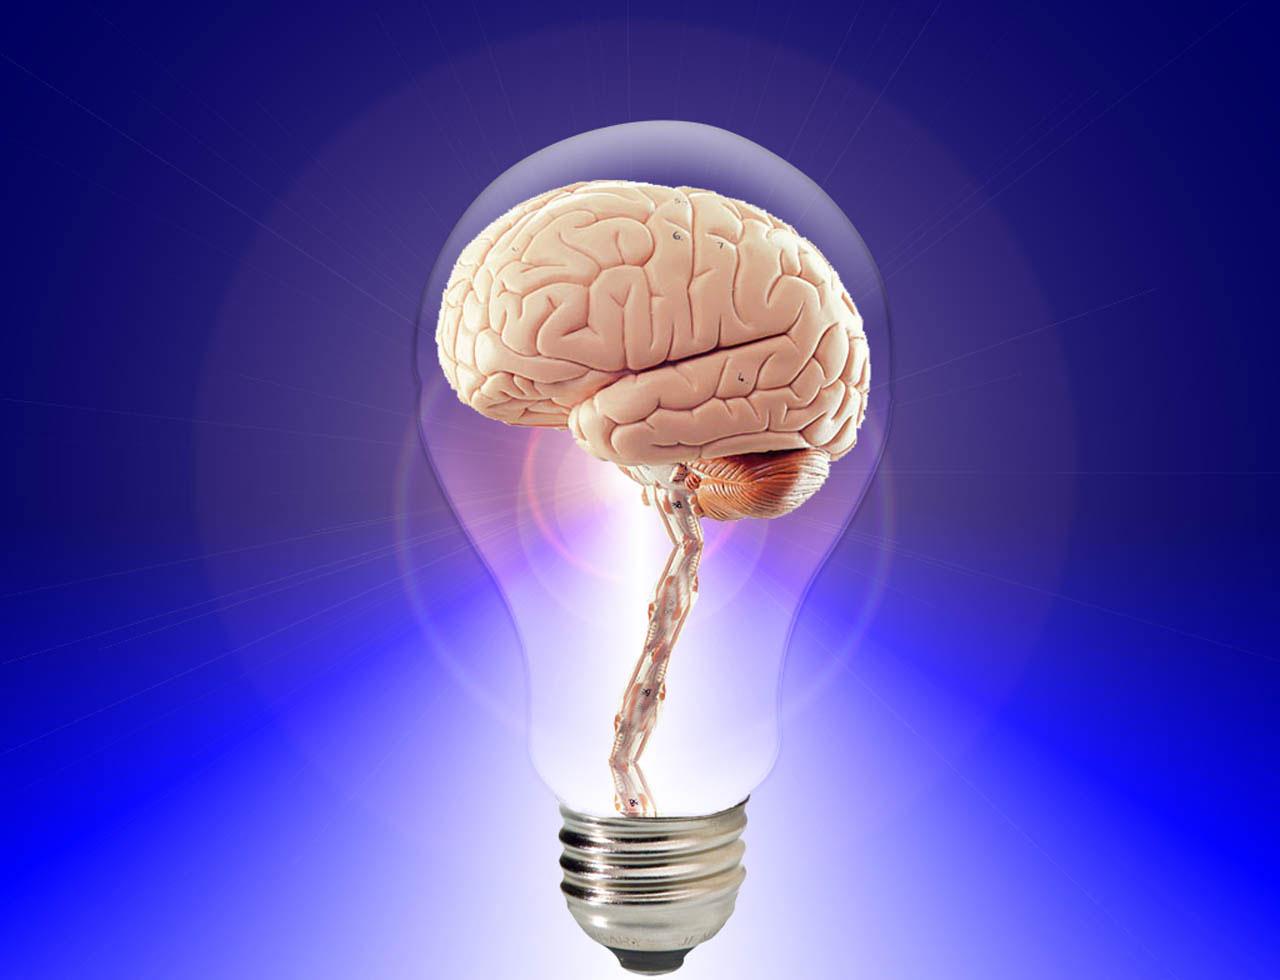 Brain idea - light bulb